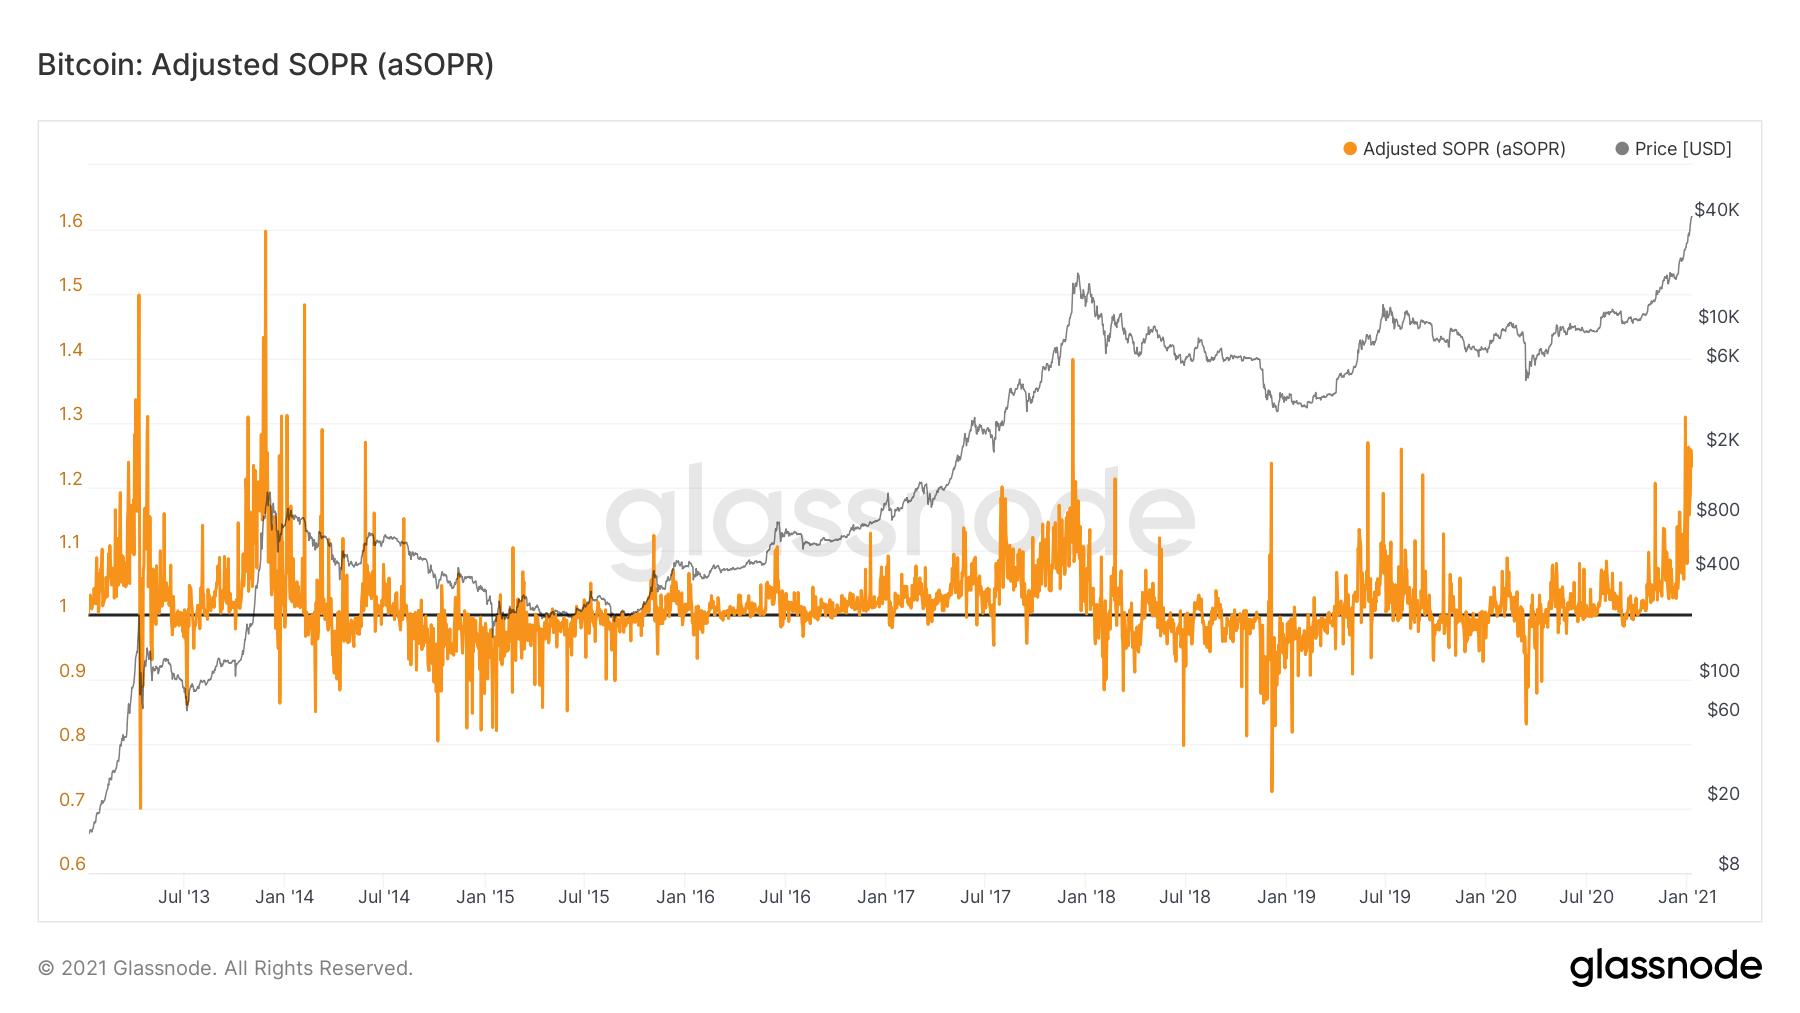 Bitcoin price SOPR